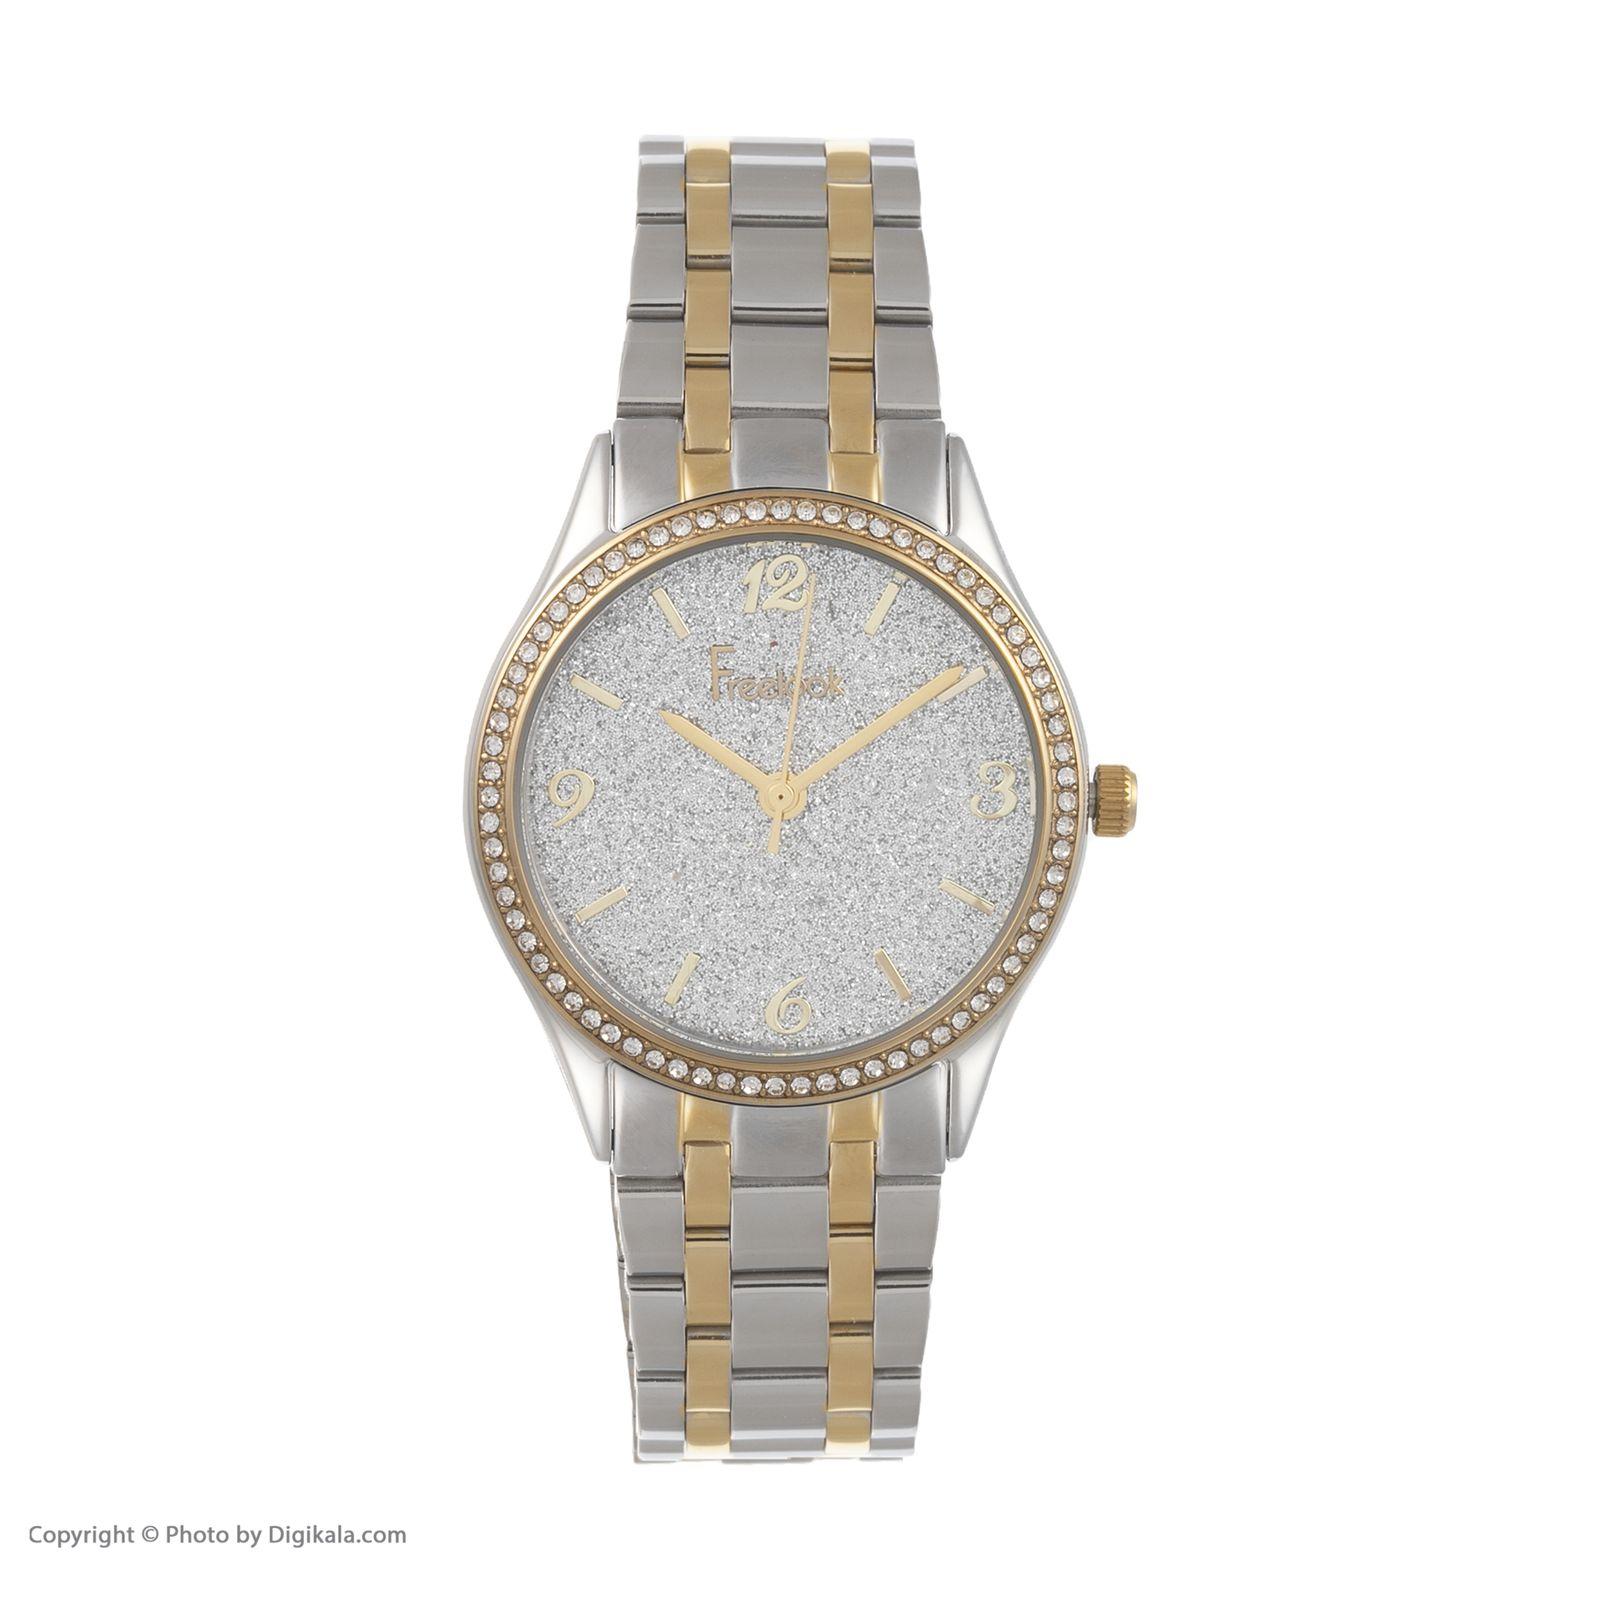 ساعت مچی عقربه ای زنانه فری لوک مدل F.7.1048.05 -  - 1